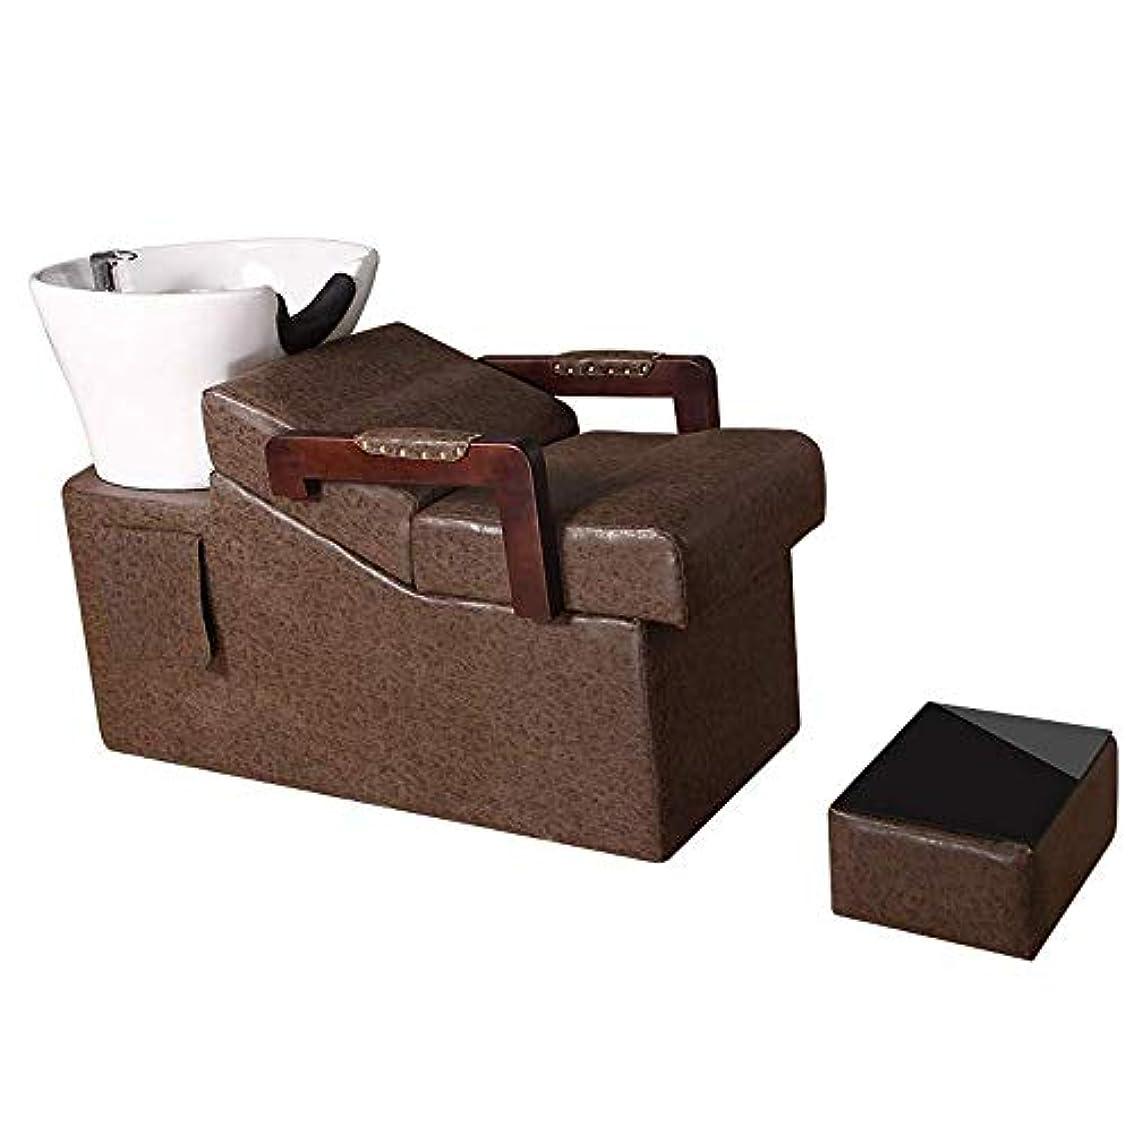 スクラップ努力平凡シャンプーバーバー逆洗椅子、スパビューティーサロン装置特殊シャンプーベッドのための逆洗ユニットシャンプーボウル理髪シンクチェア